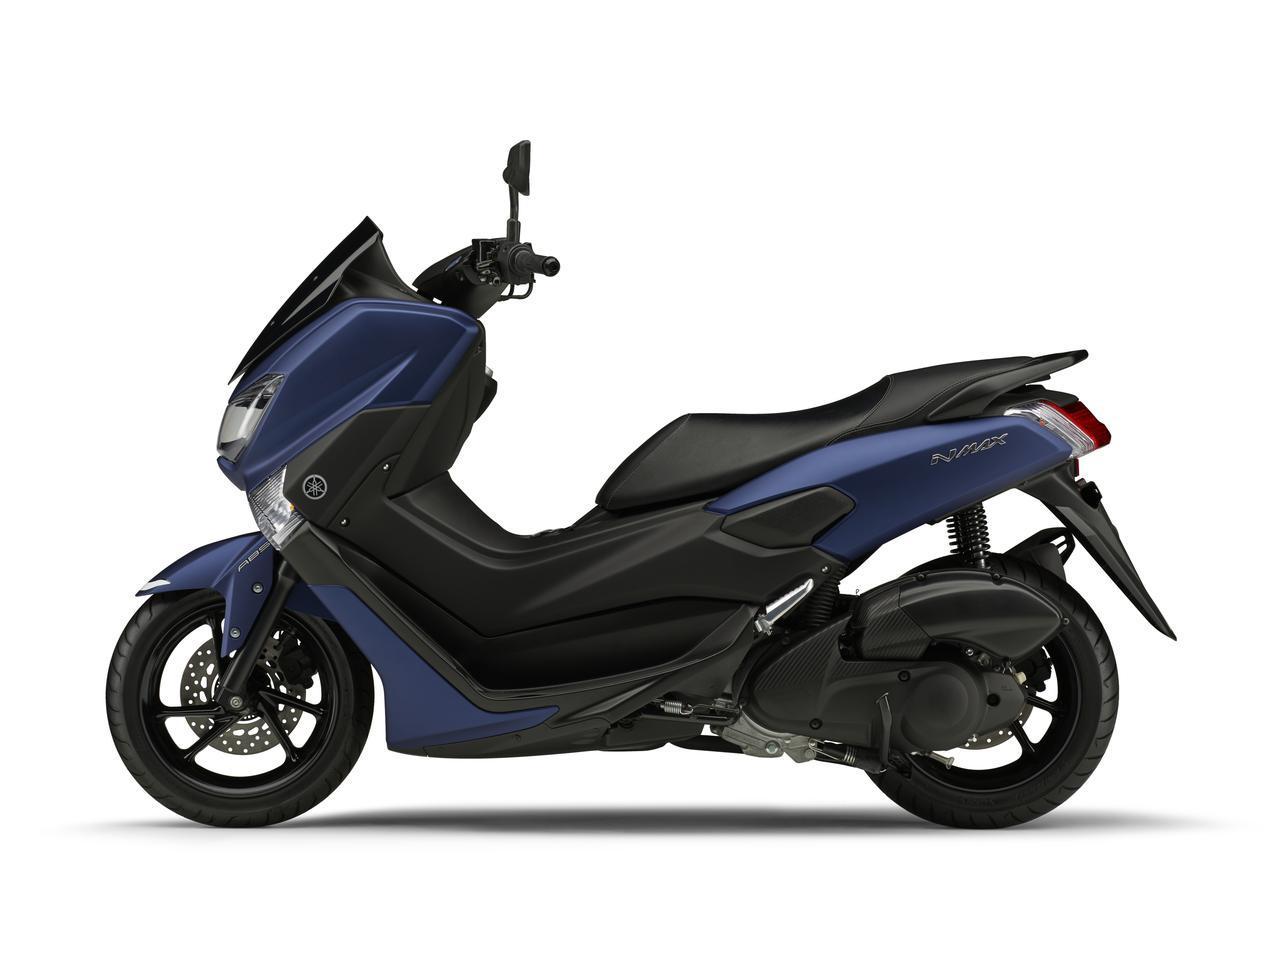 画像5: ヤマハの原付二種「NMAX ABS」2020年モデル情報|新色が4月25日に発売!【価格・発売日・カラー・スペック】